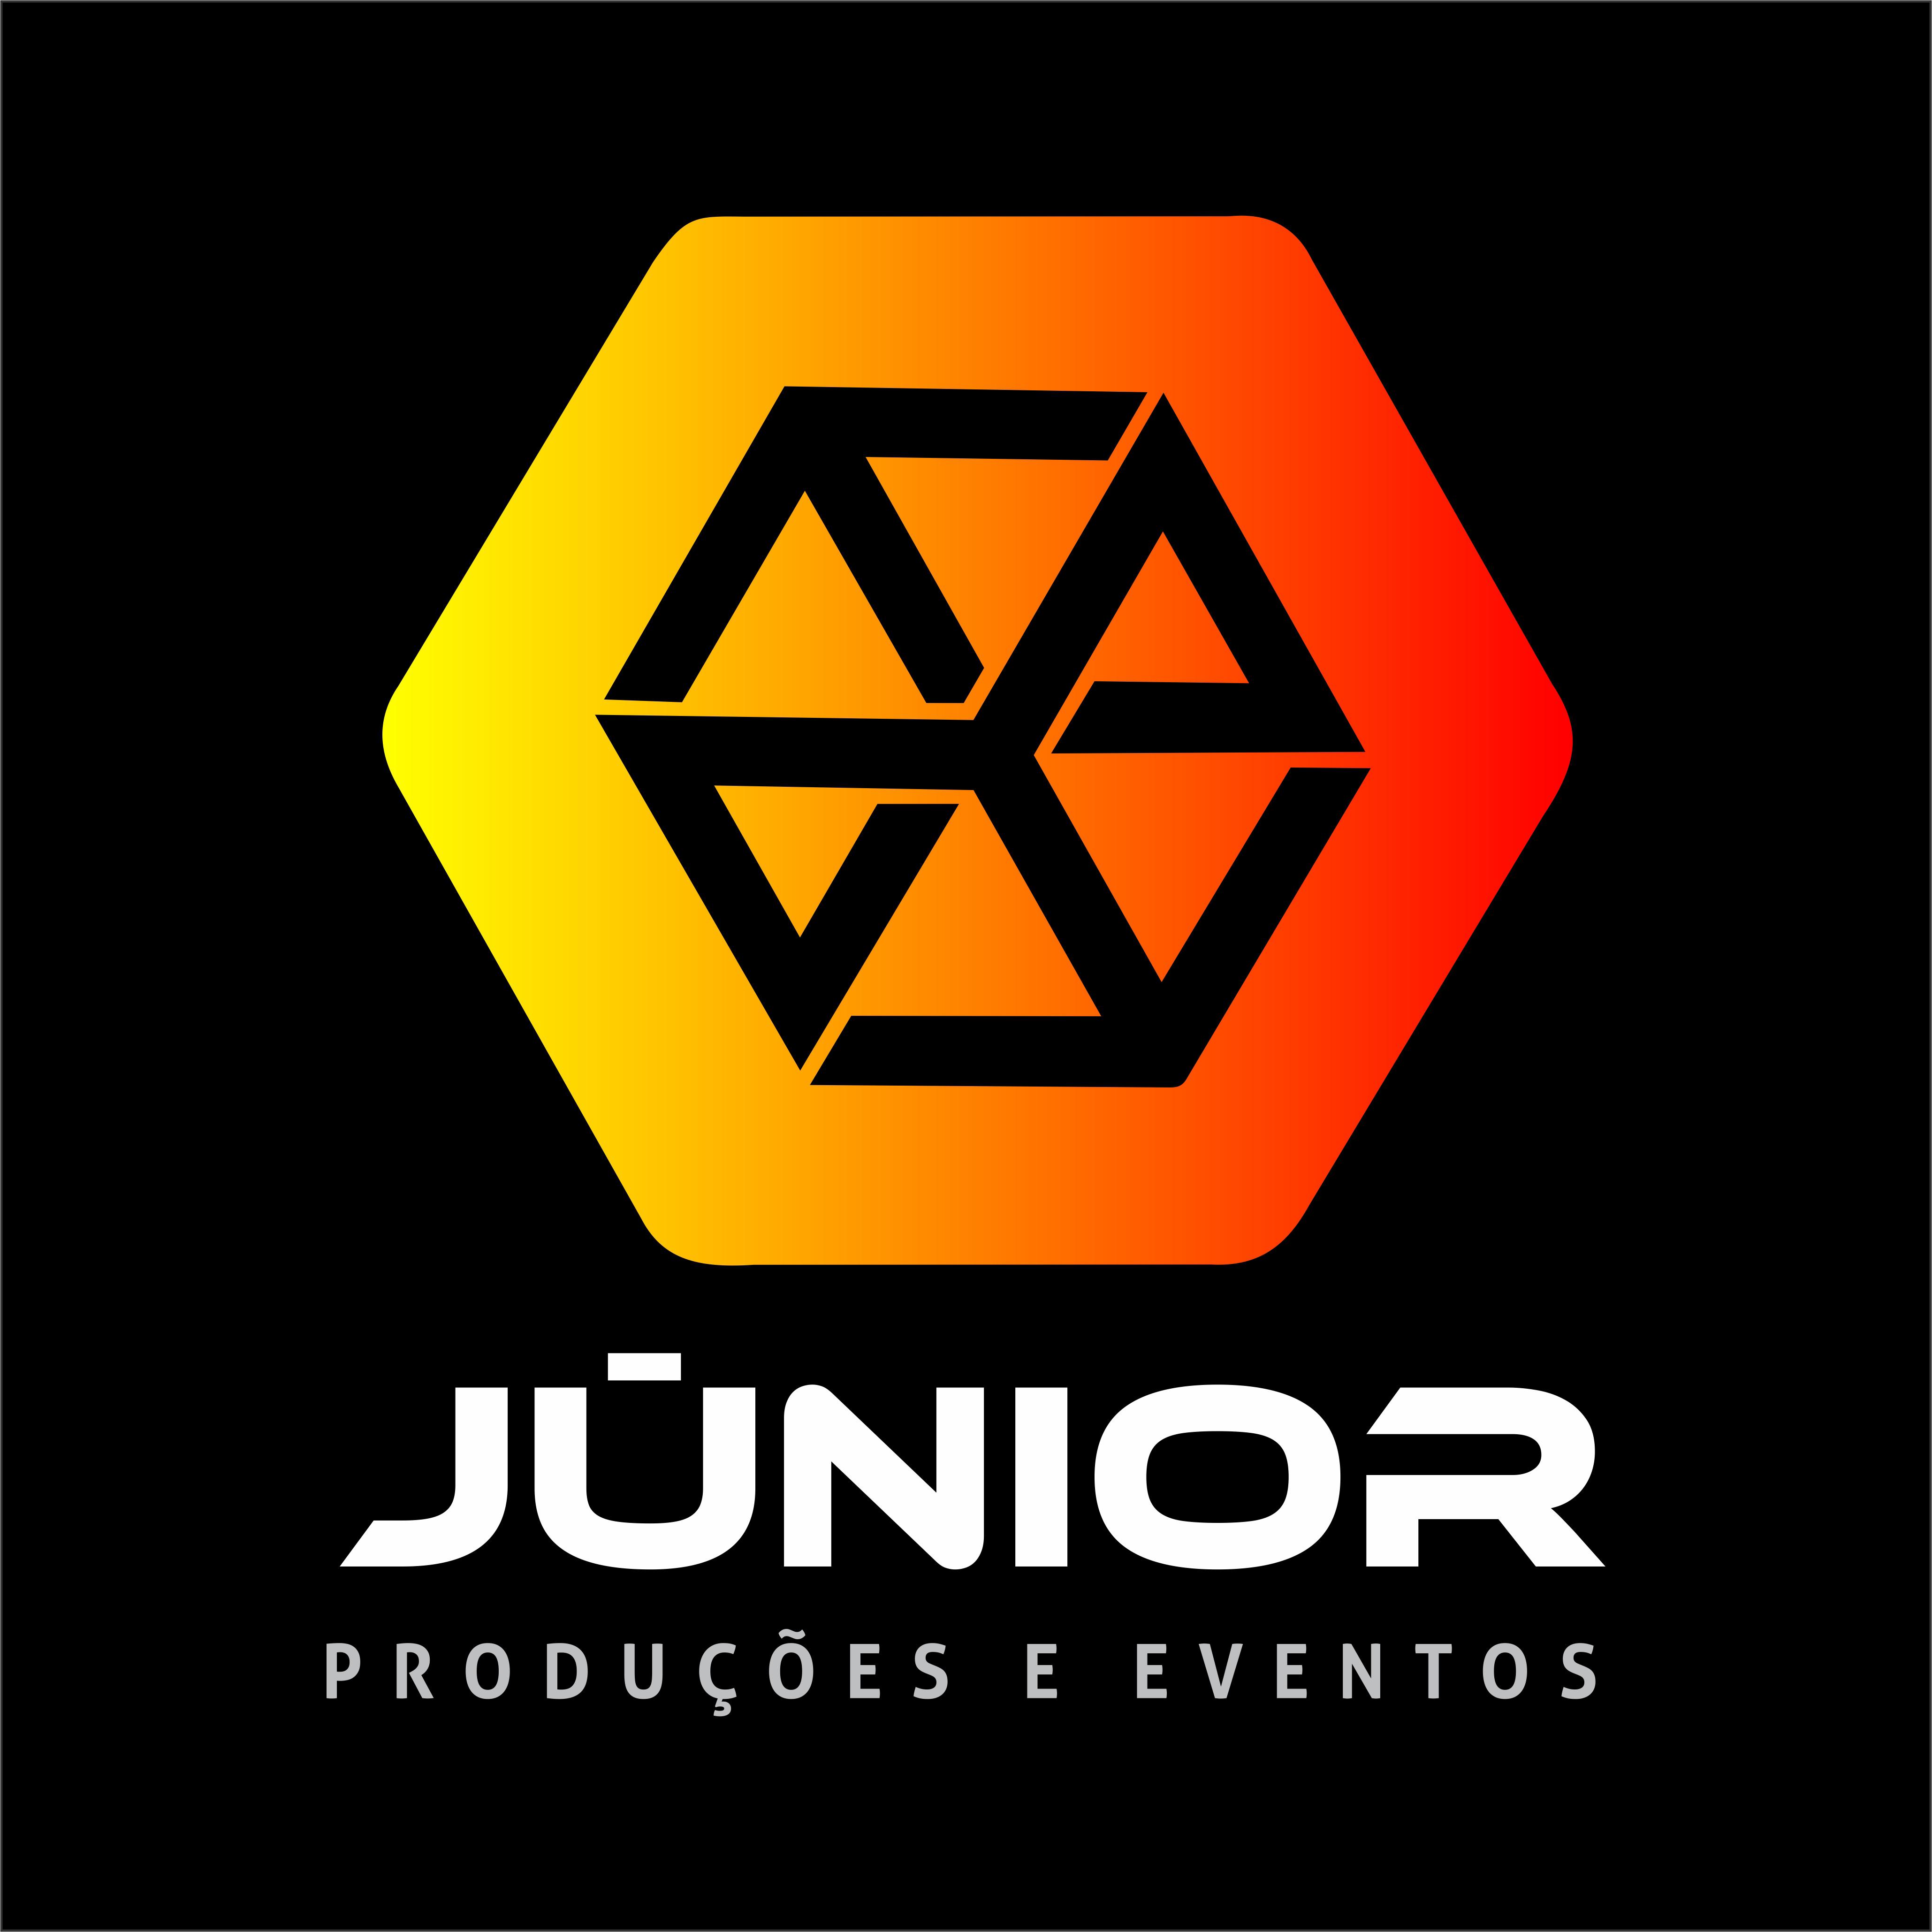 Logo_junior_producoes_e_eventos_02